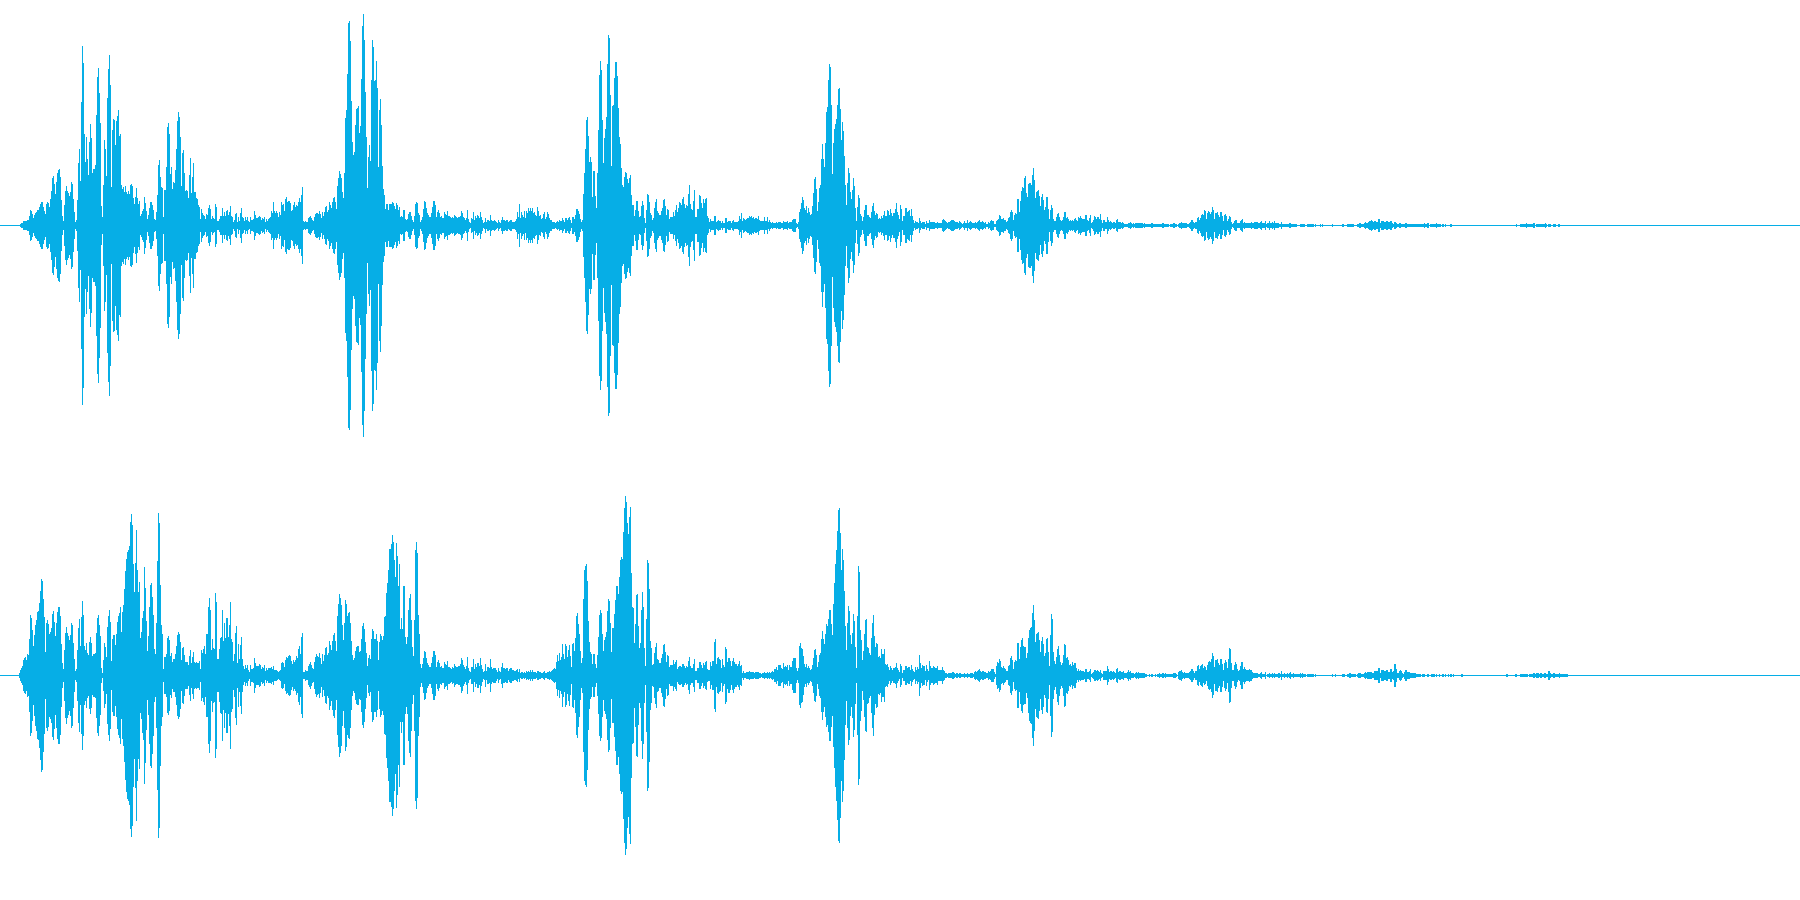 ピュルル〜(小動物が逃げるような効果音)の再生済みの波形